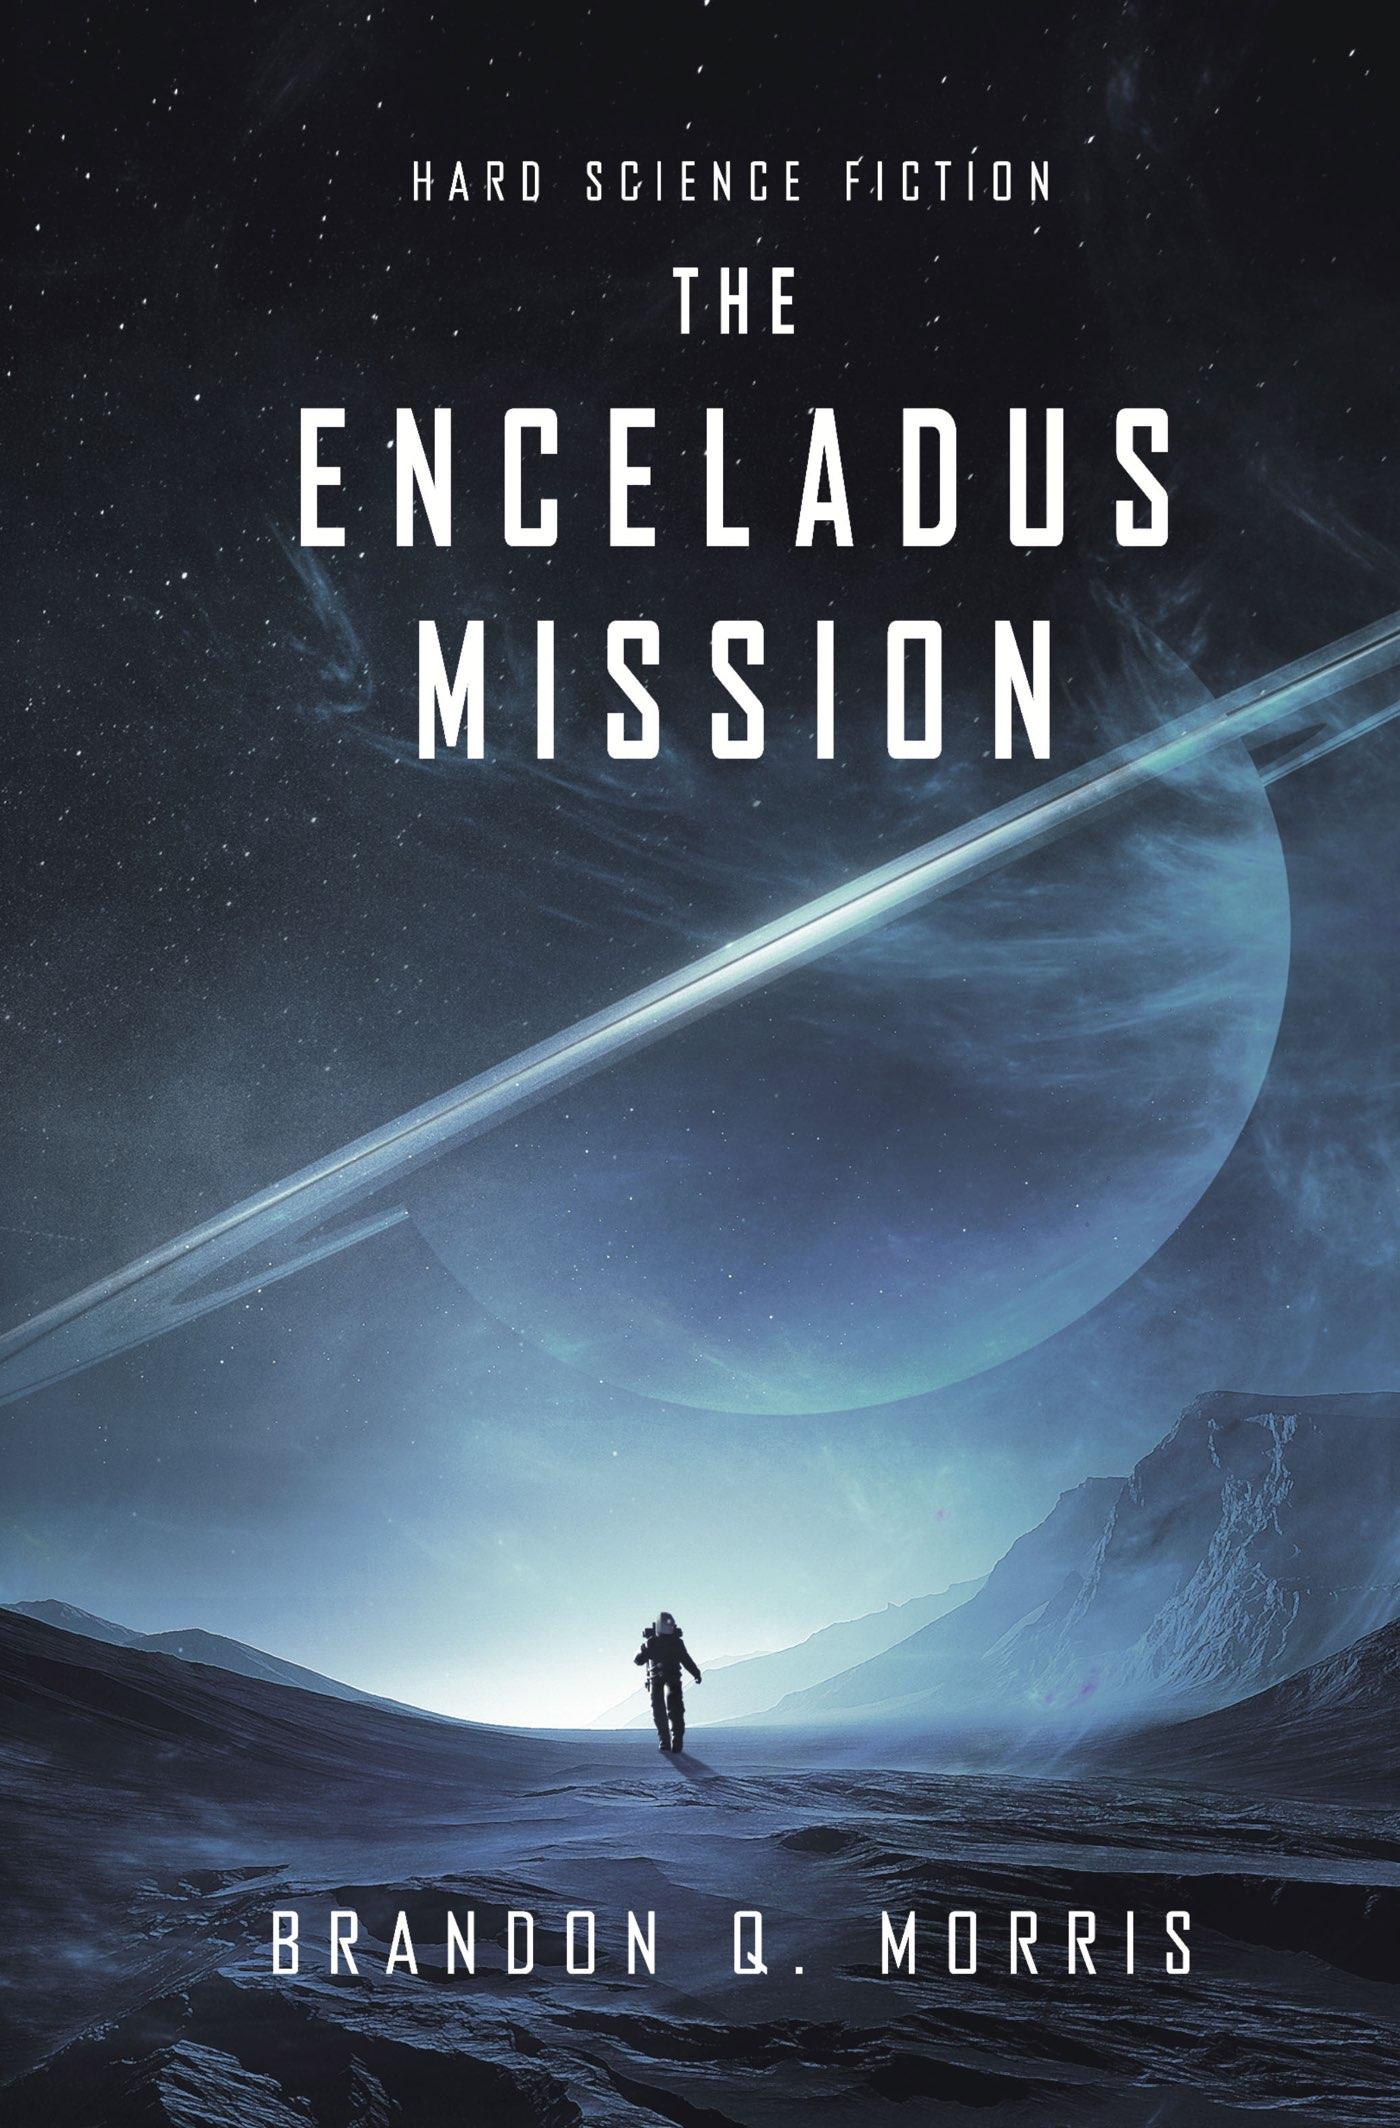 The Enceladus Mission